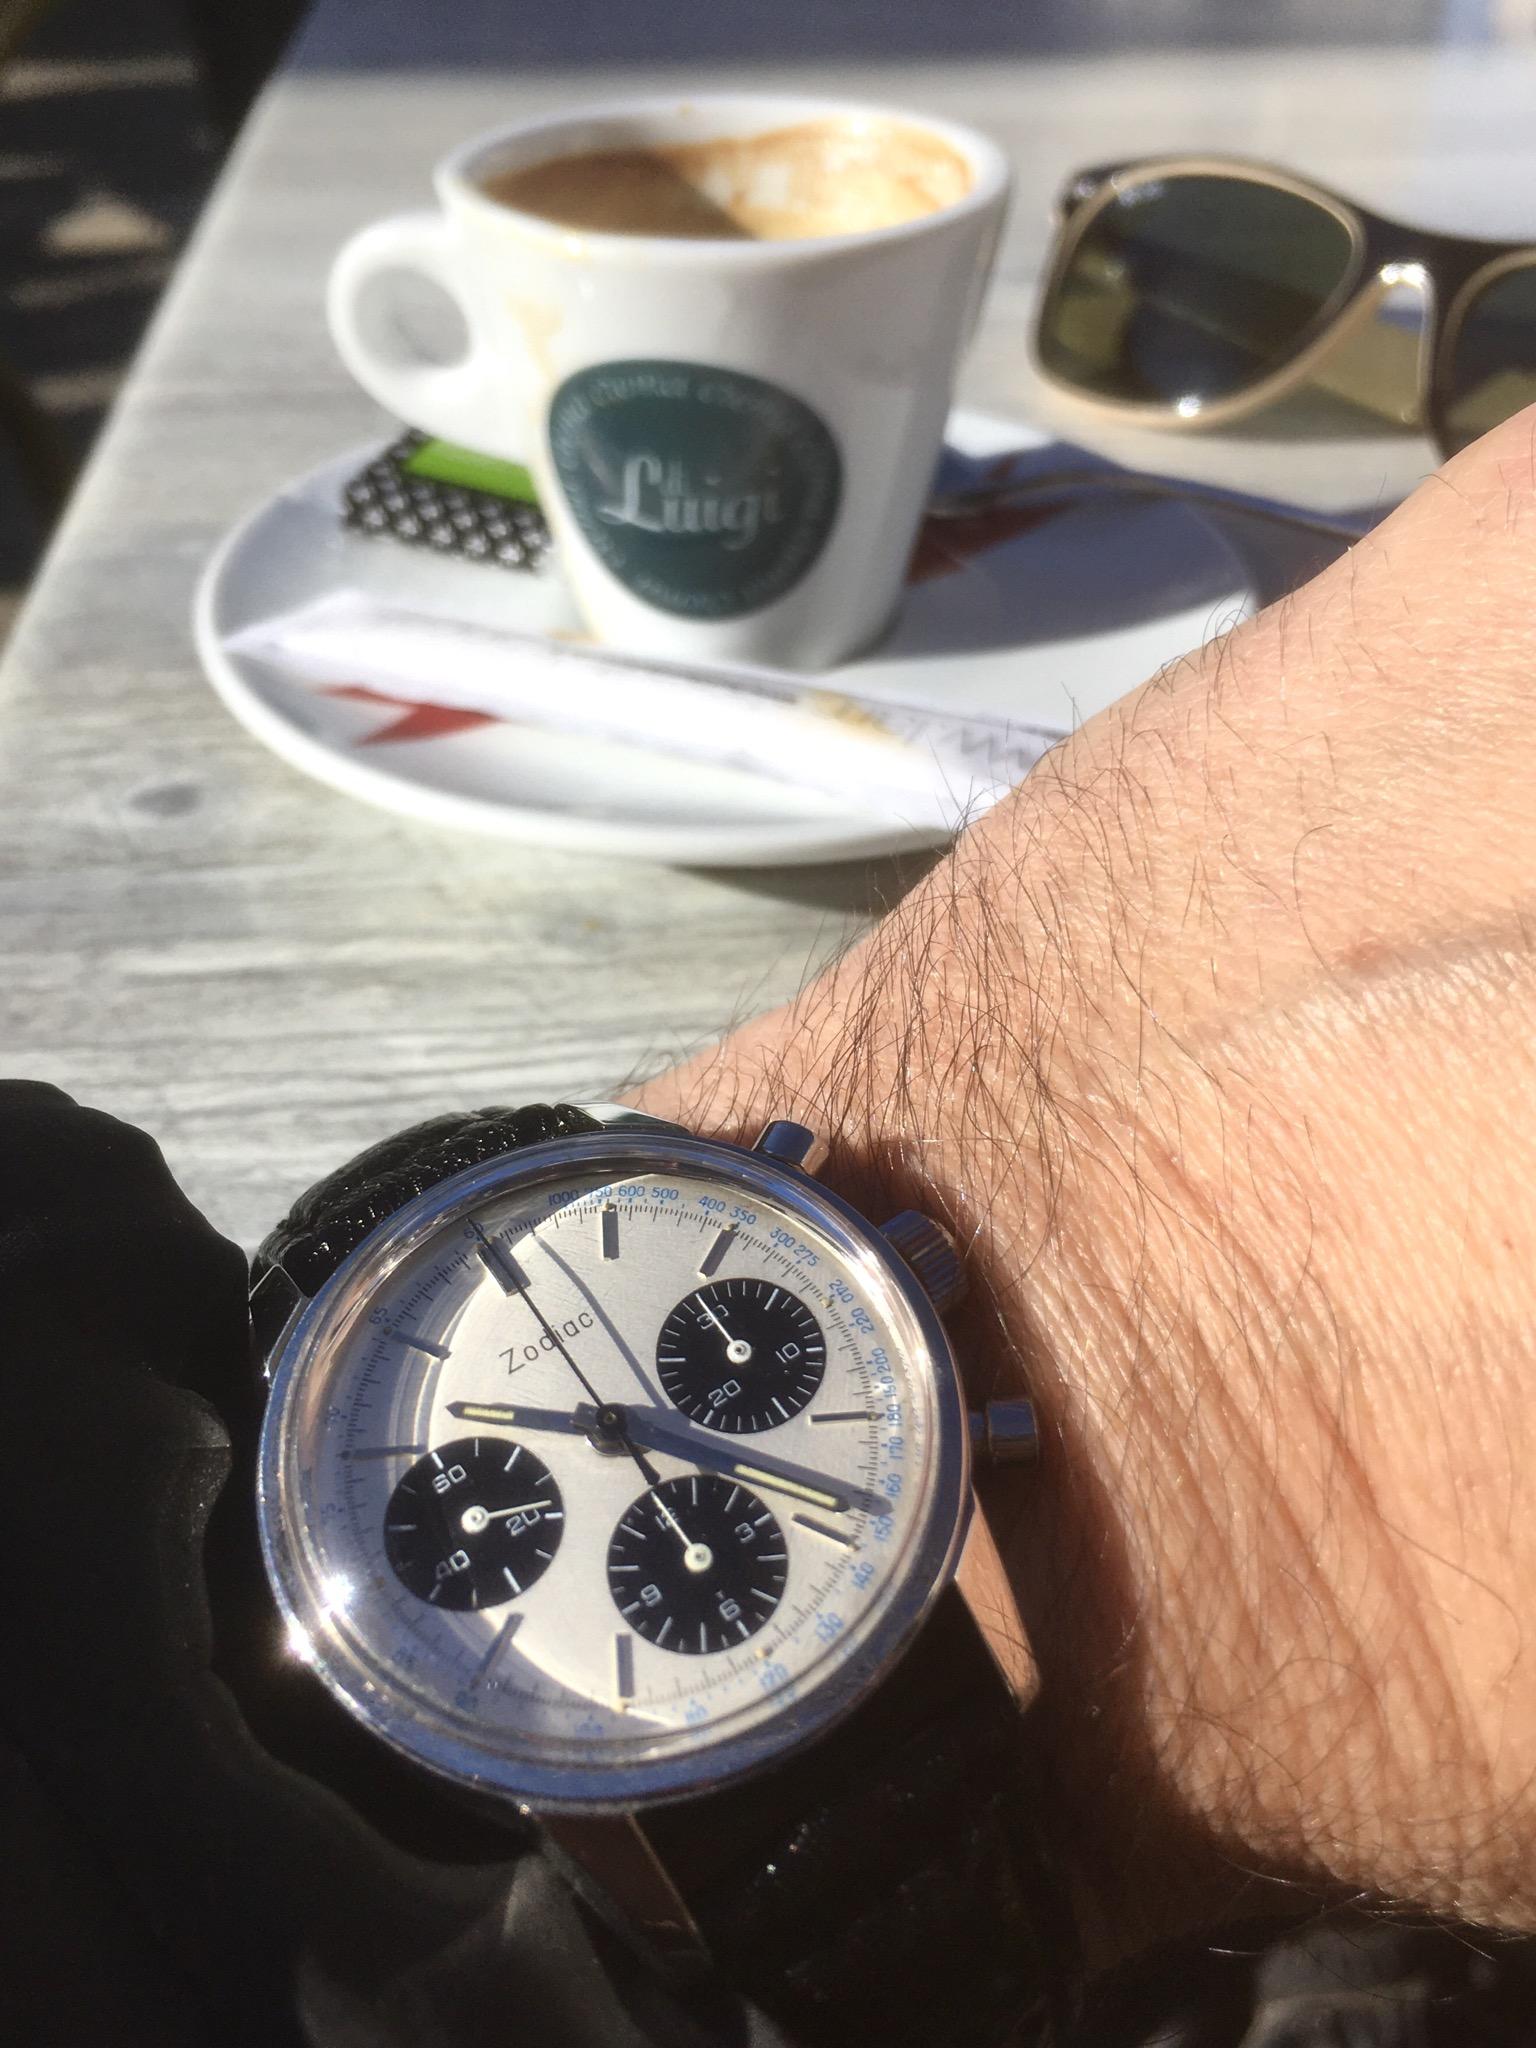 Pause café et montre (toutes marques) - tome III - Page 12 Da858775-2e17-4624-be05-68b4f35e2c9c-jpeg